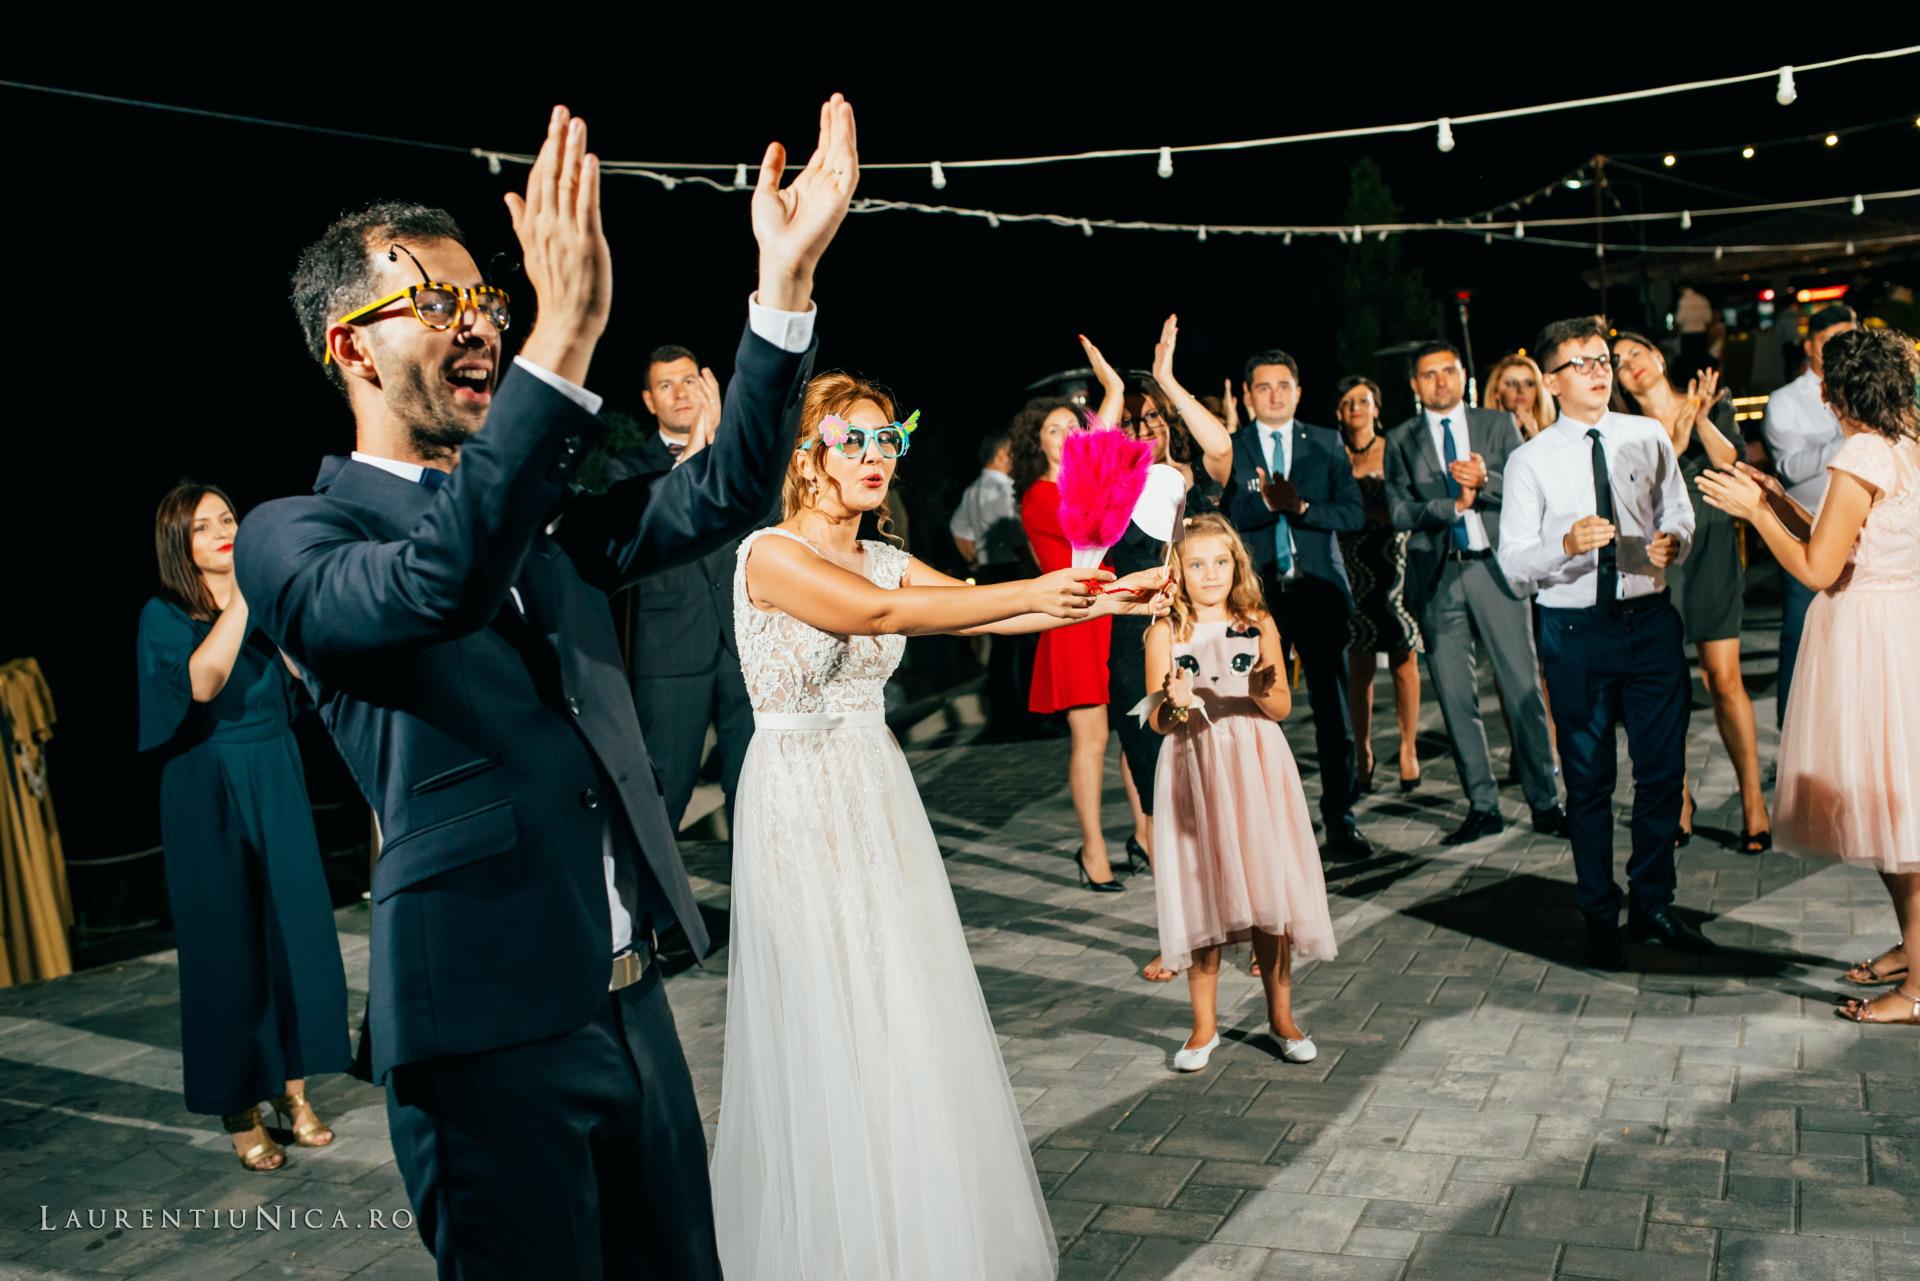 carolina si sorin craiova fotograf nunta laurentiu nica77 - Carolina & Sorin | Fotografii nunta